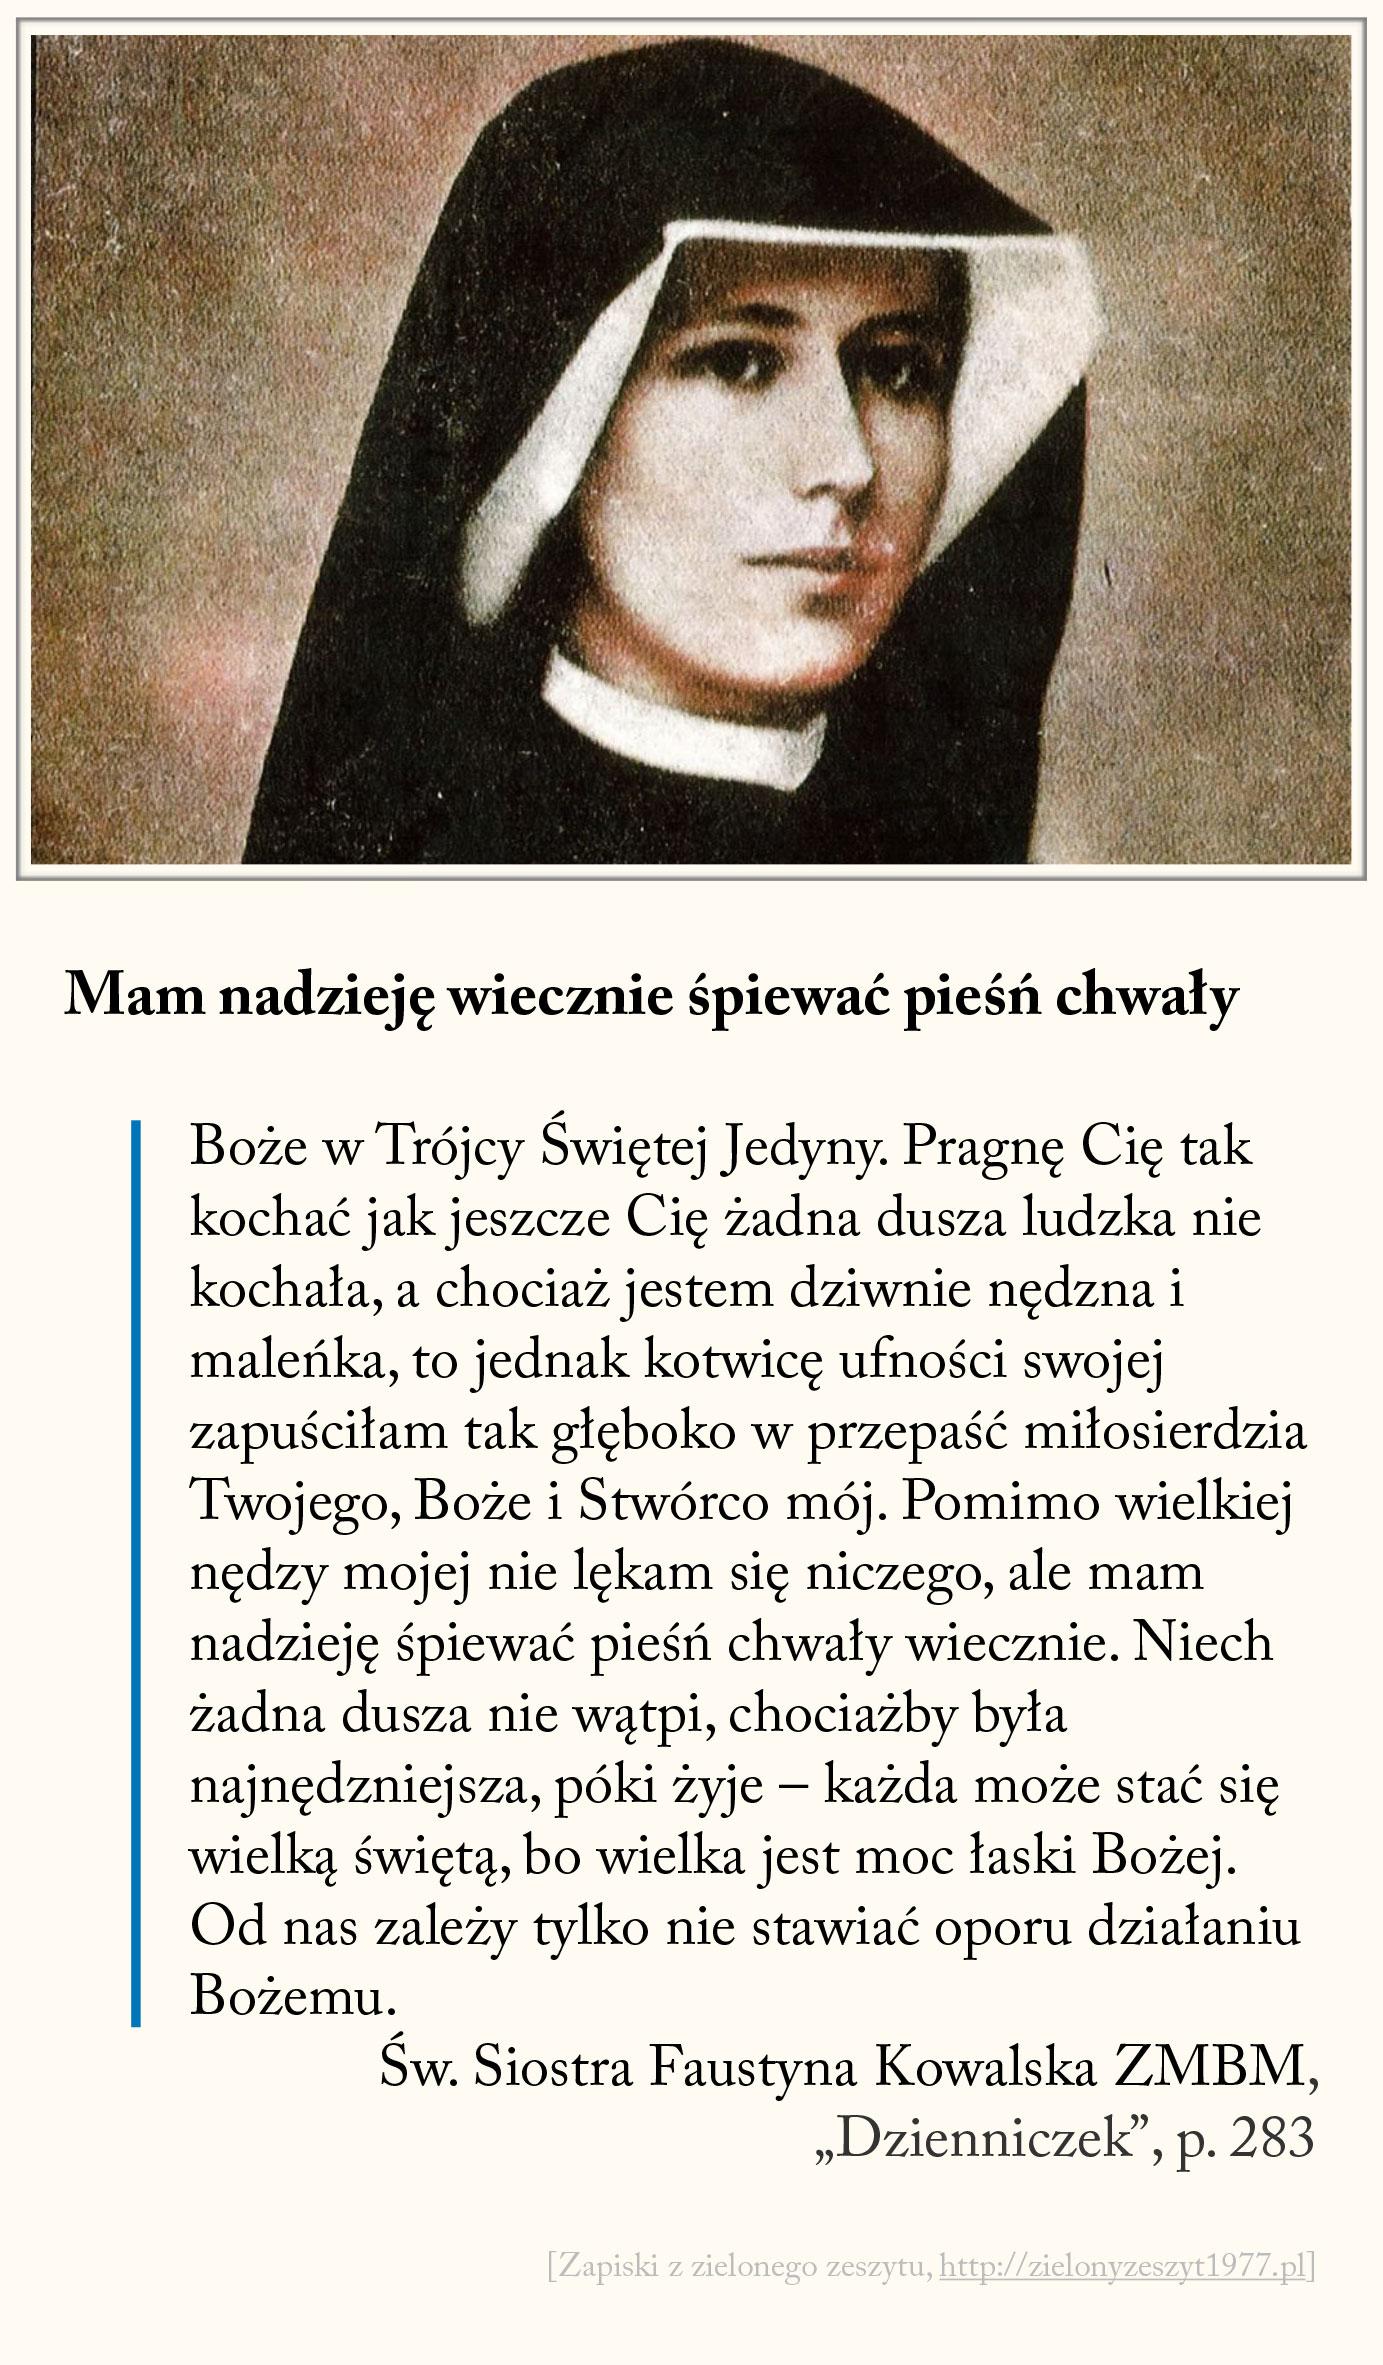 Mam nadzieję wiecznie śpiewać pieśń chwały, św. Faustyna Kowalska